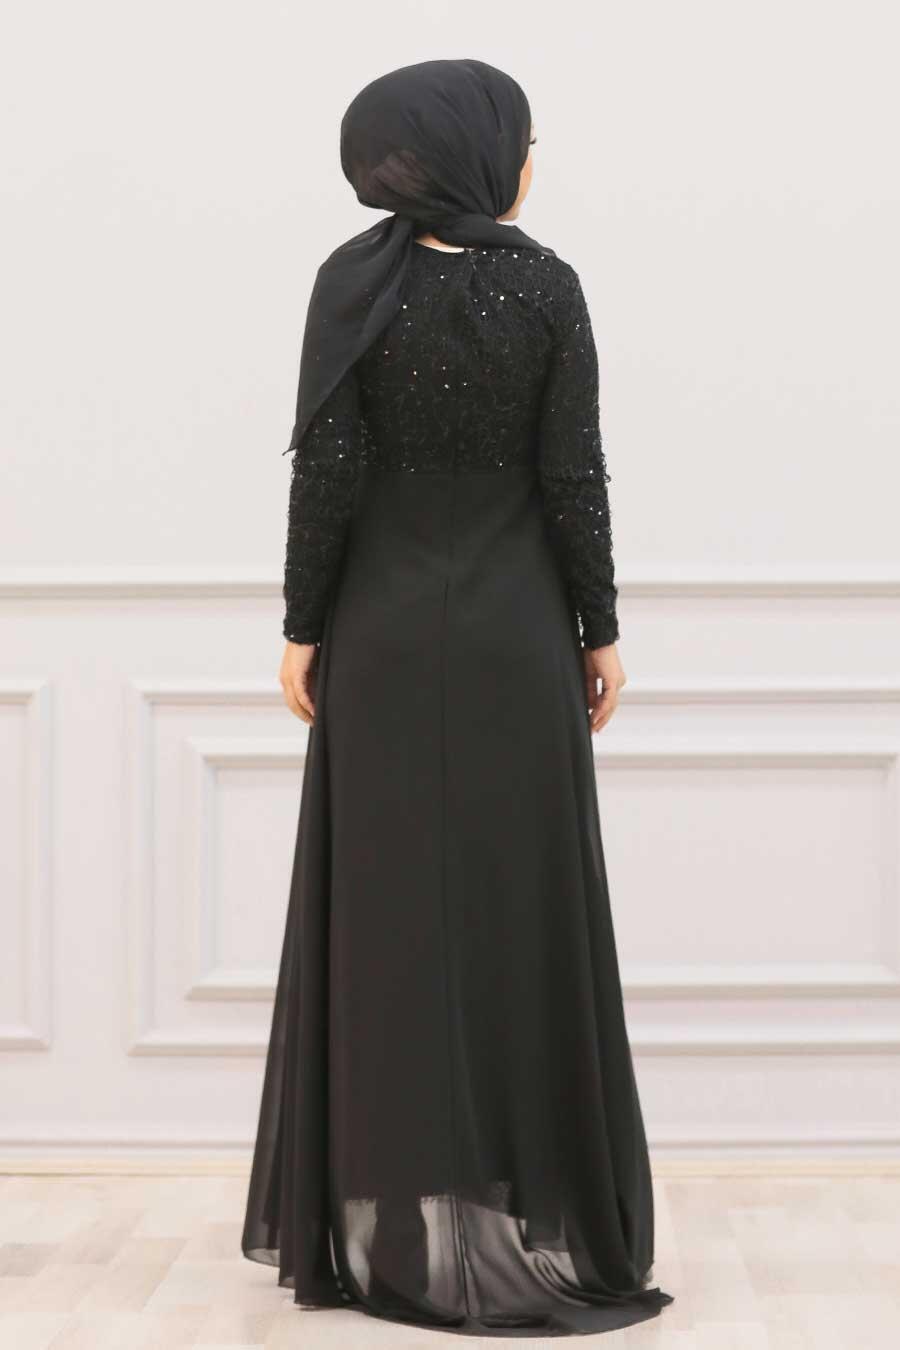 Nayla Collection - Pullu Siyah Tesettür Abiye Elbise 90000S